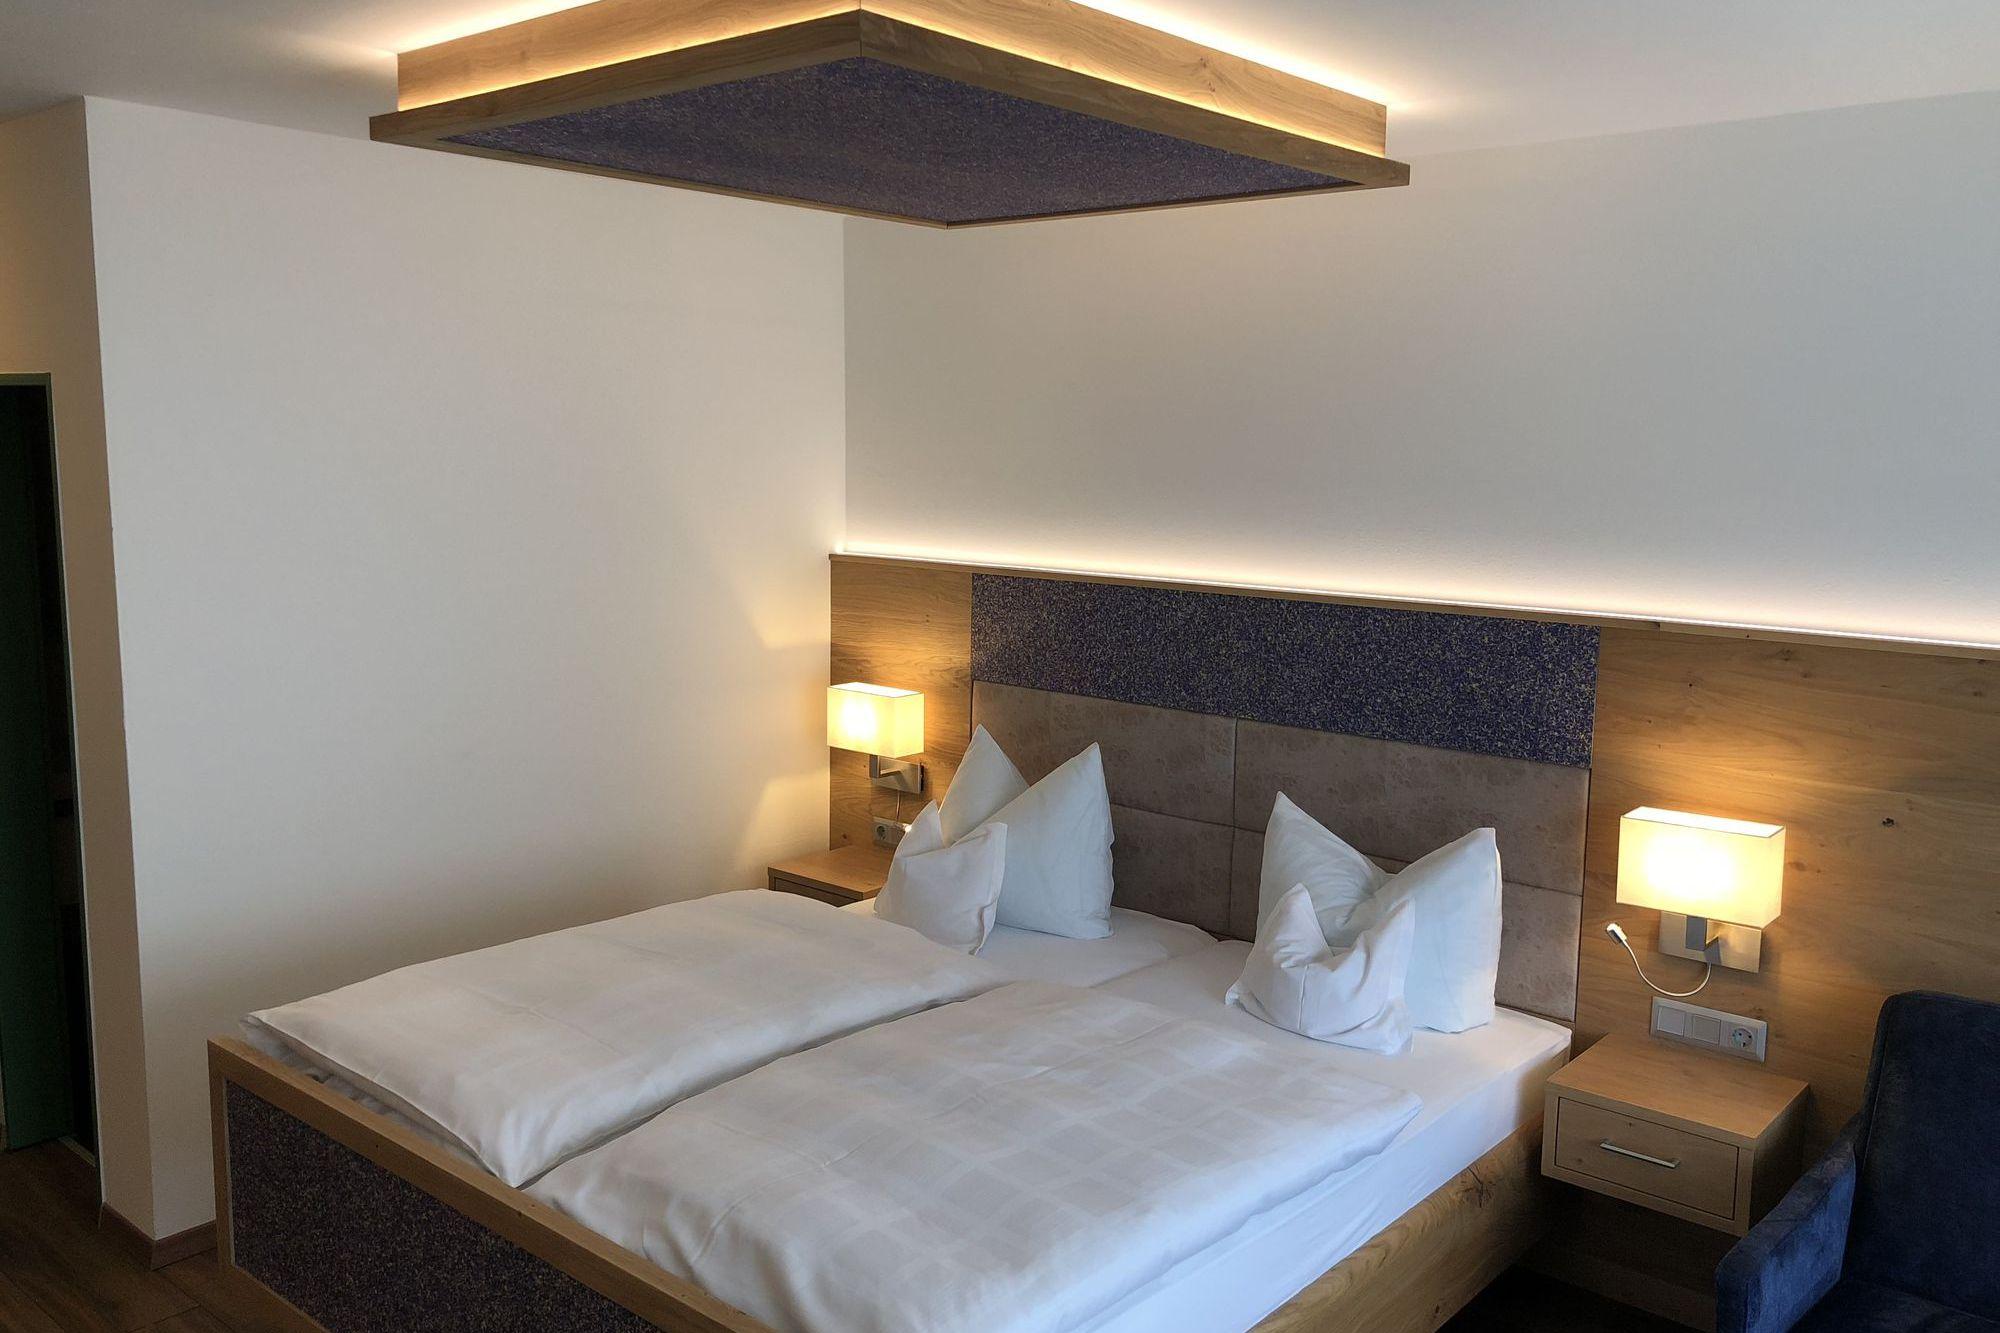 https://www.hotelbinder.de/wp-content/uploads/doppelzimmer2_5.jpg